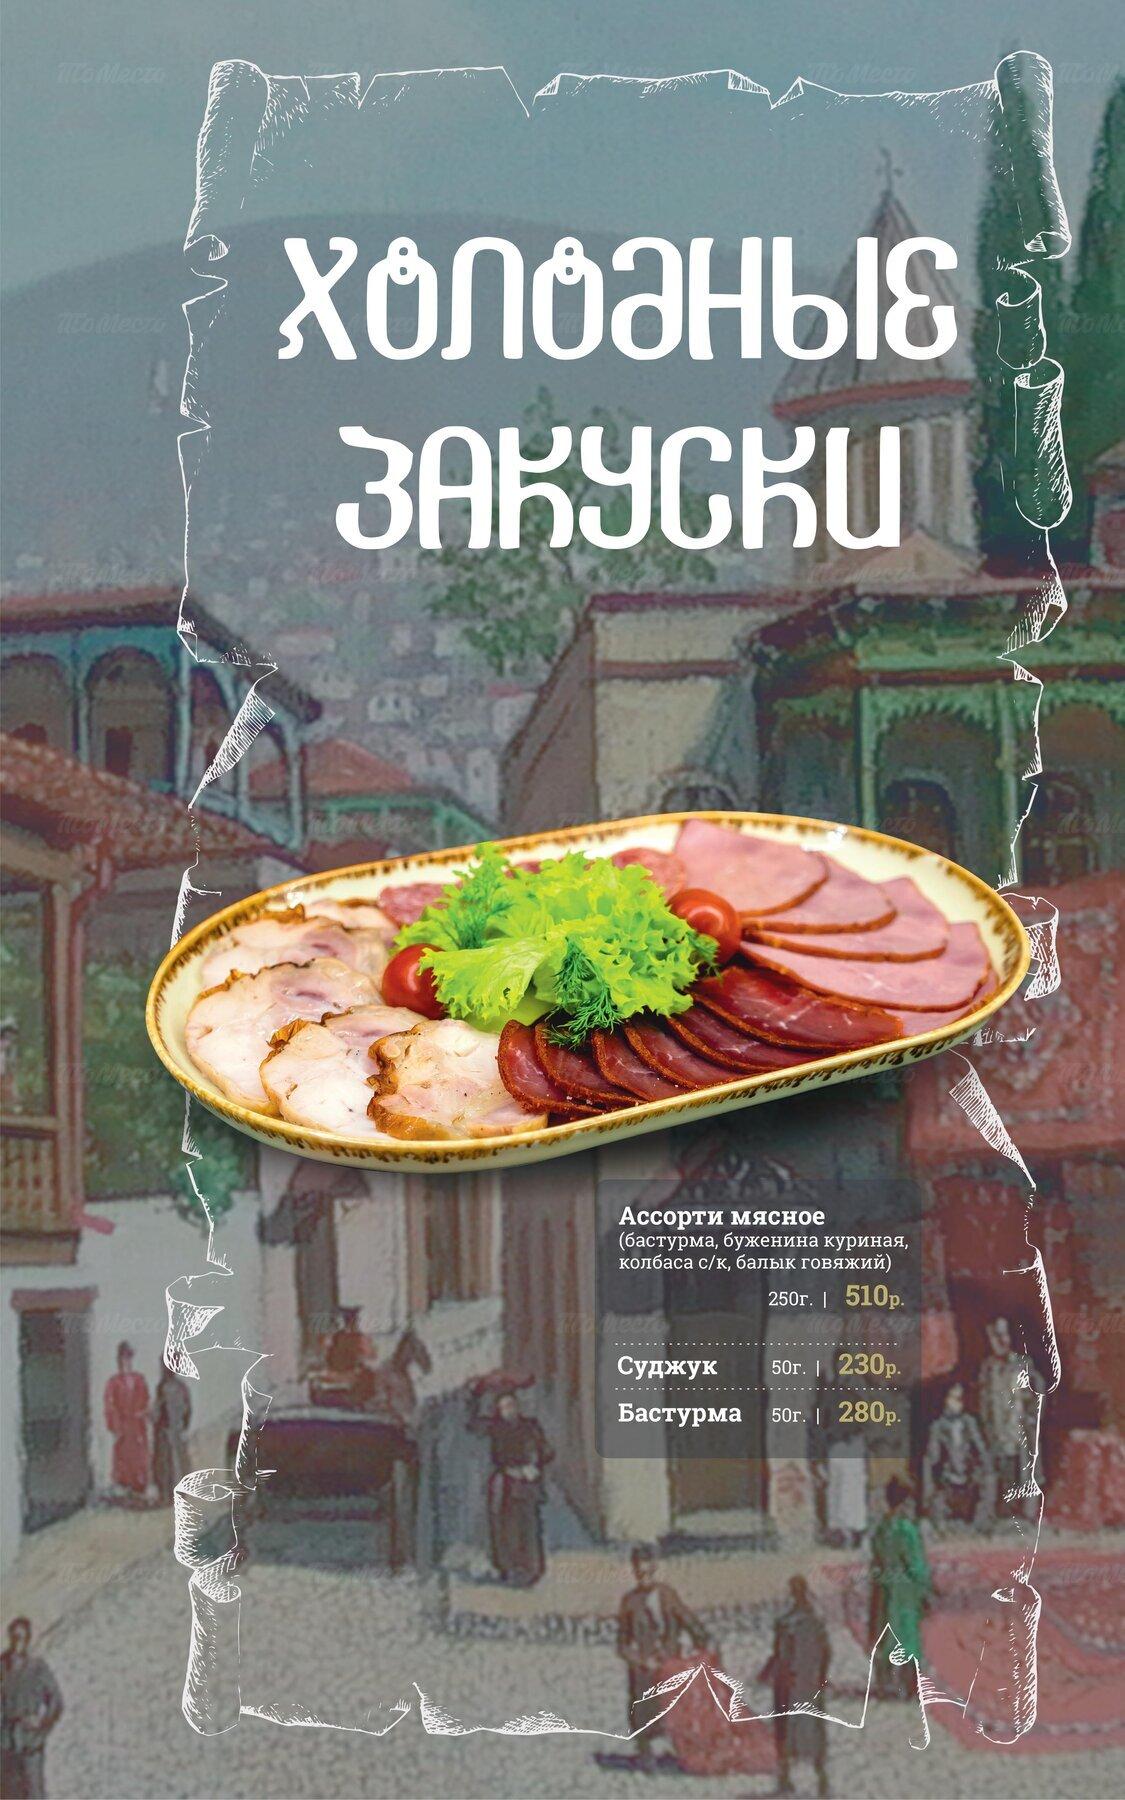 Меню ресторана Хванчкара на улице Селезнёва фото 1